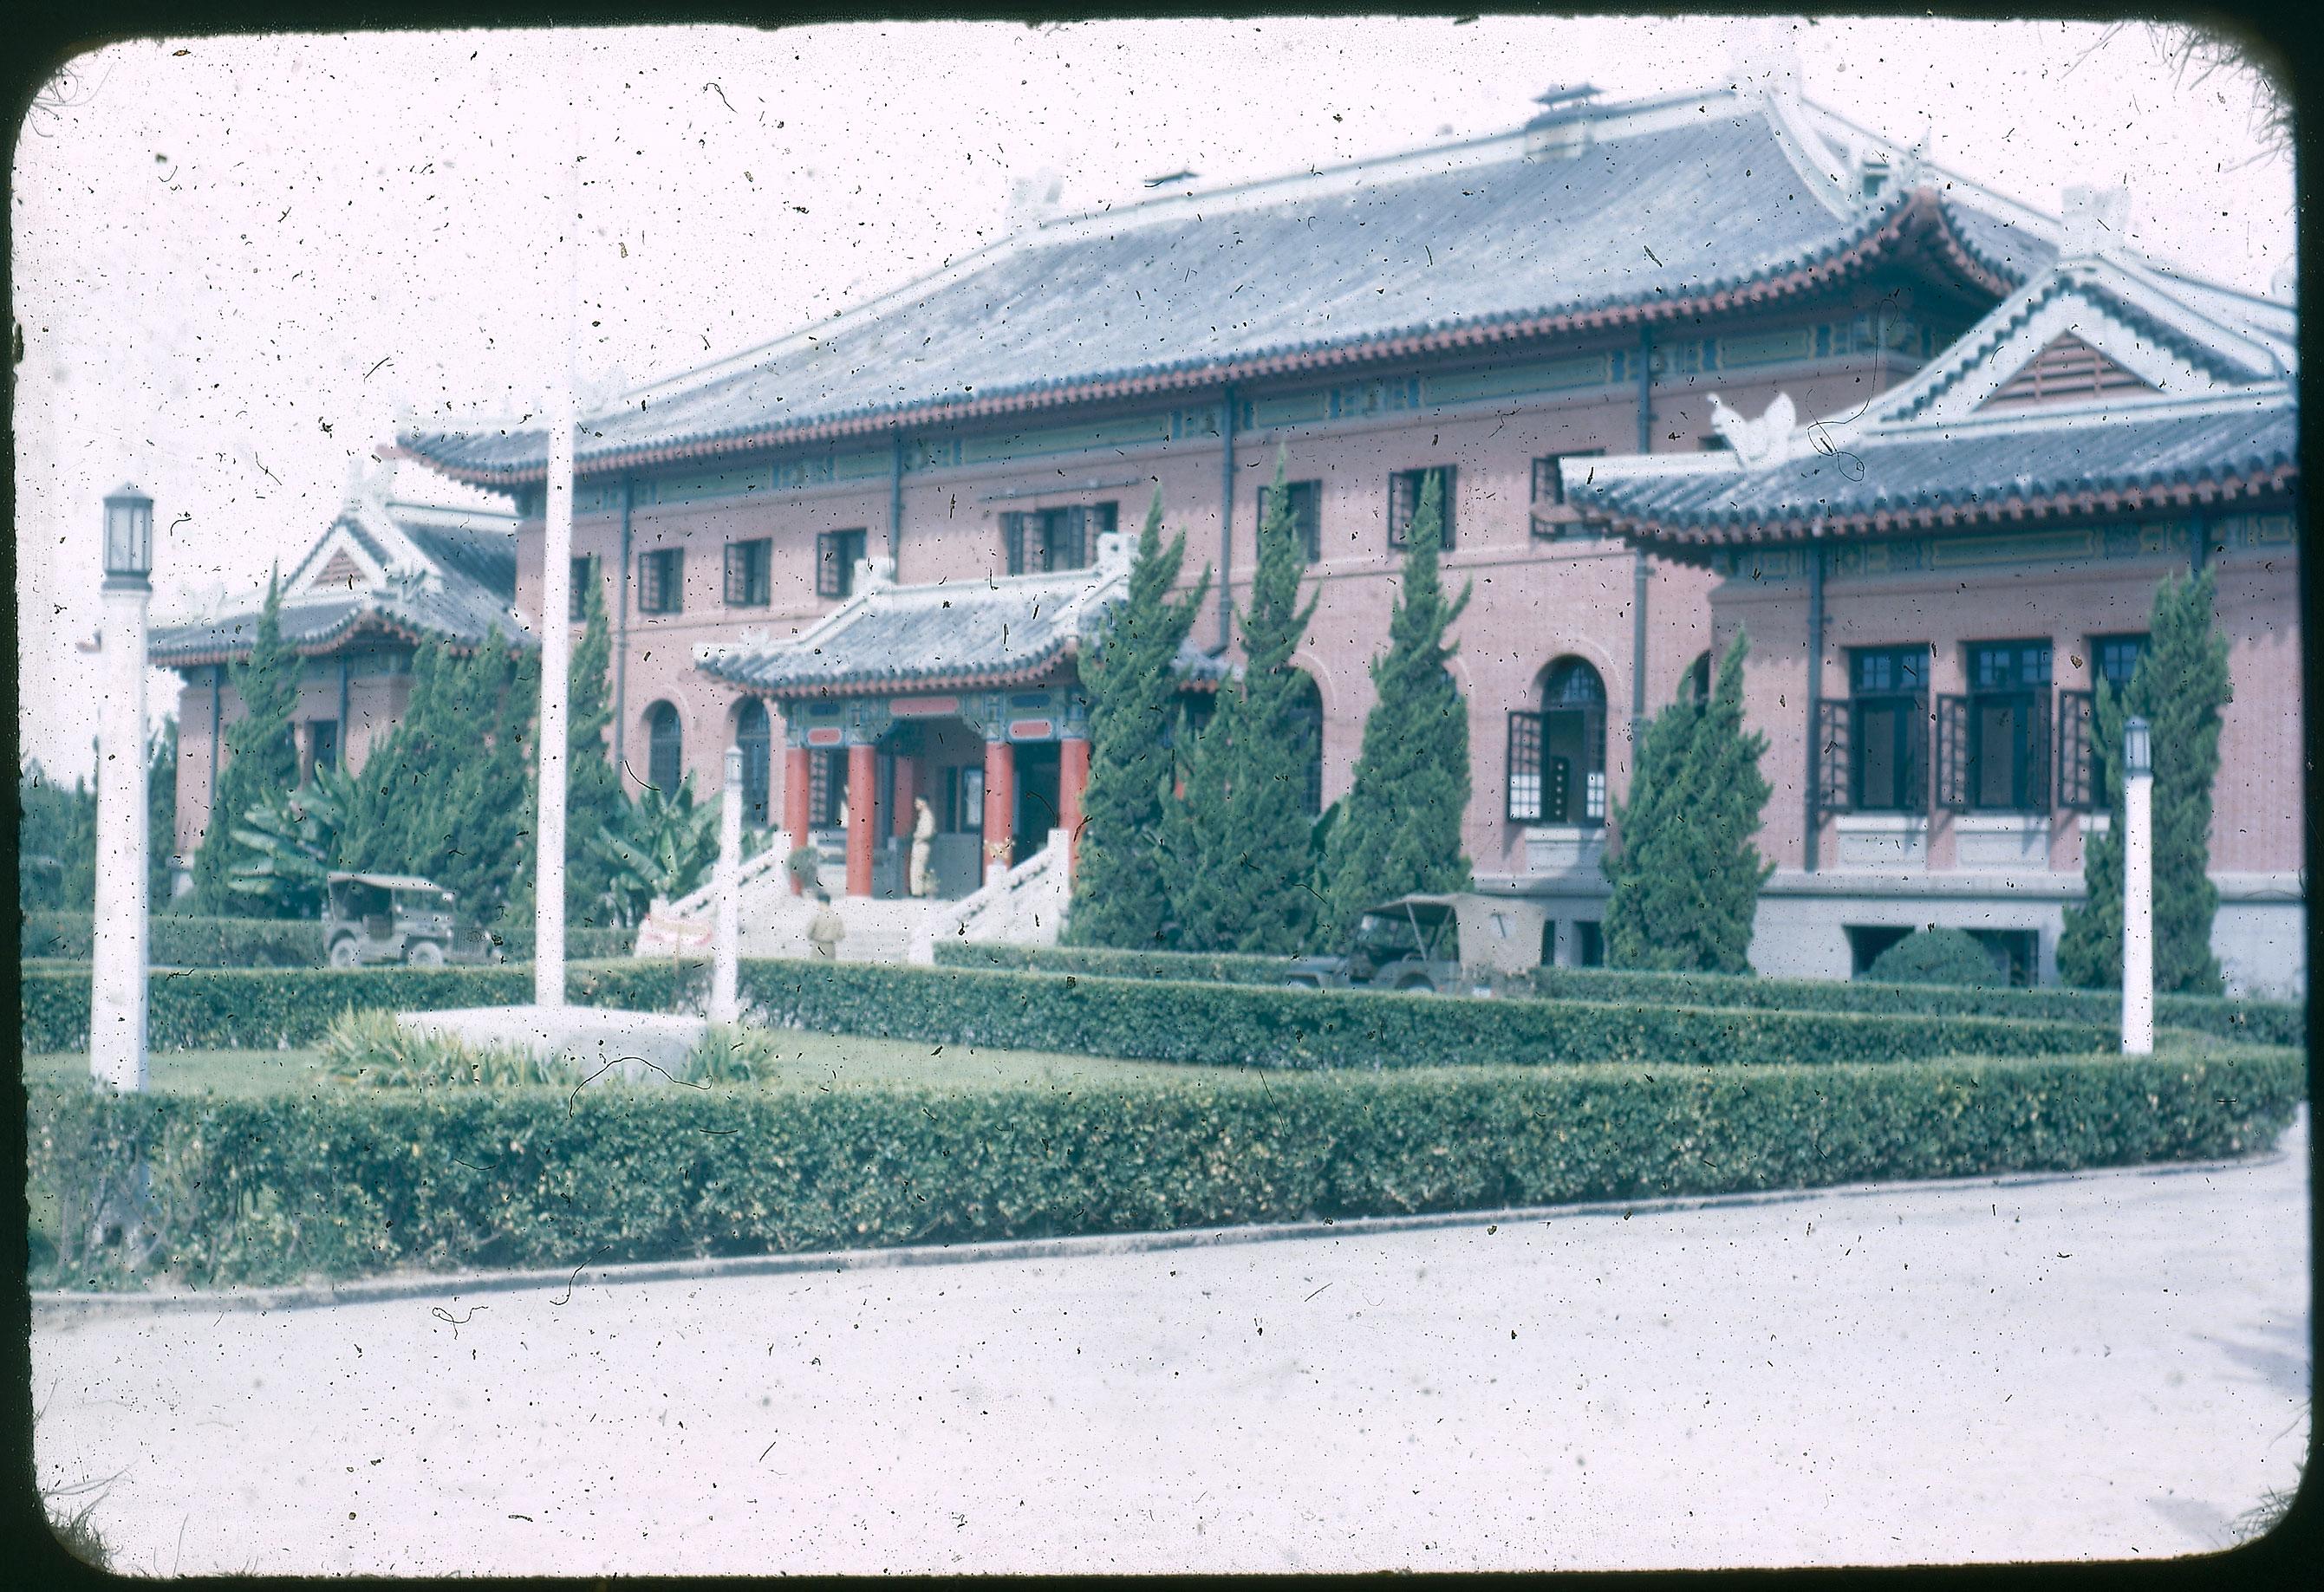 Hiller 09-006: The Moral Endeavor Association Building in Nanking, backside